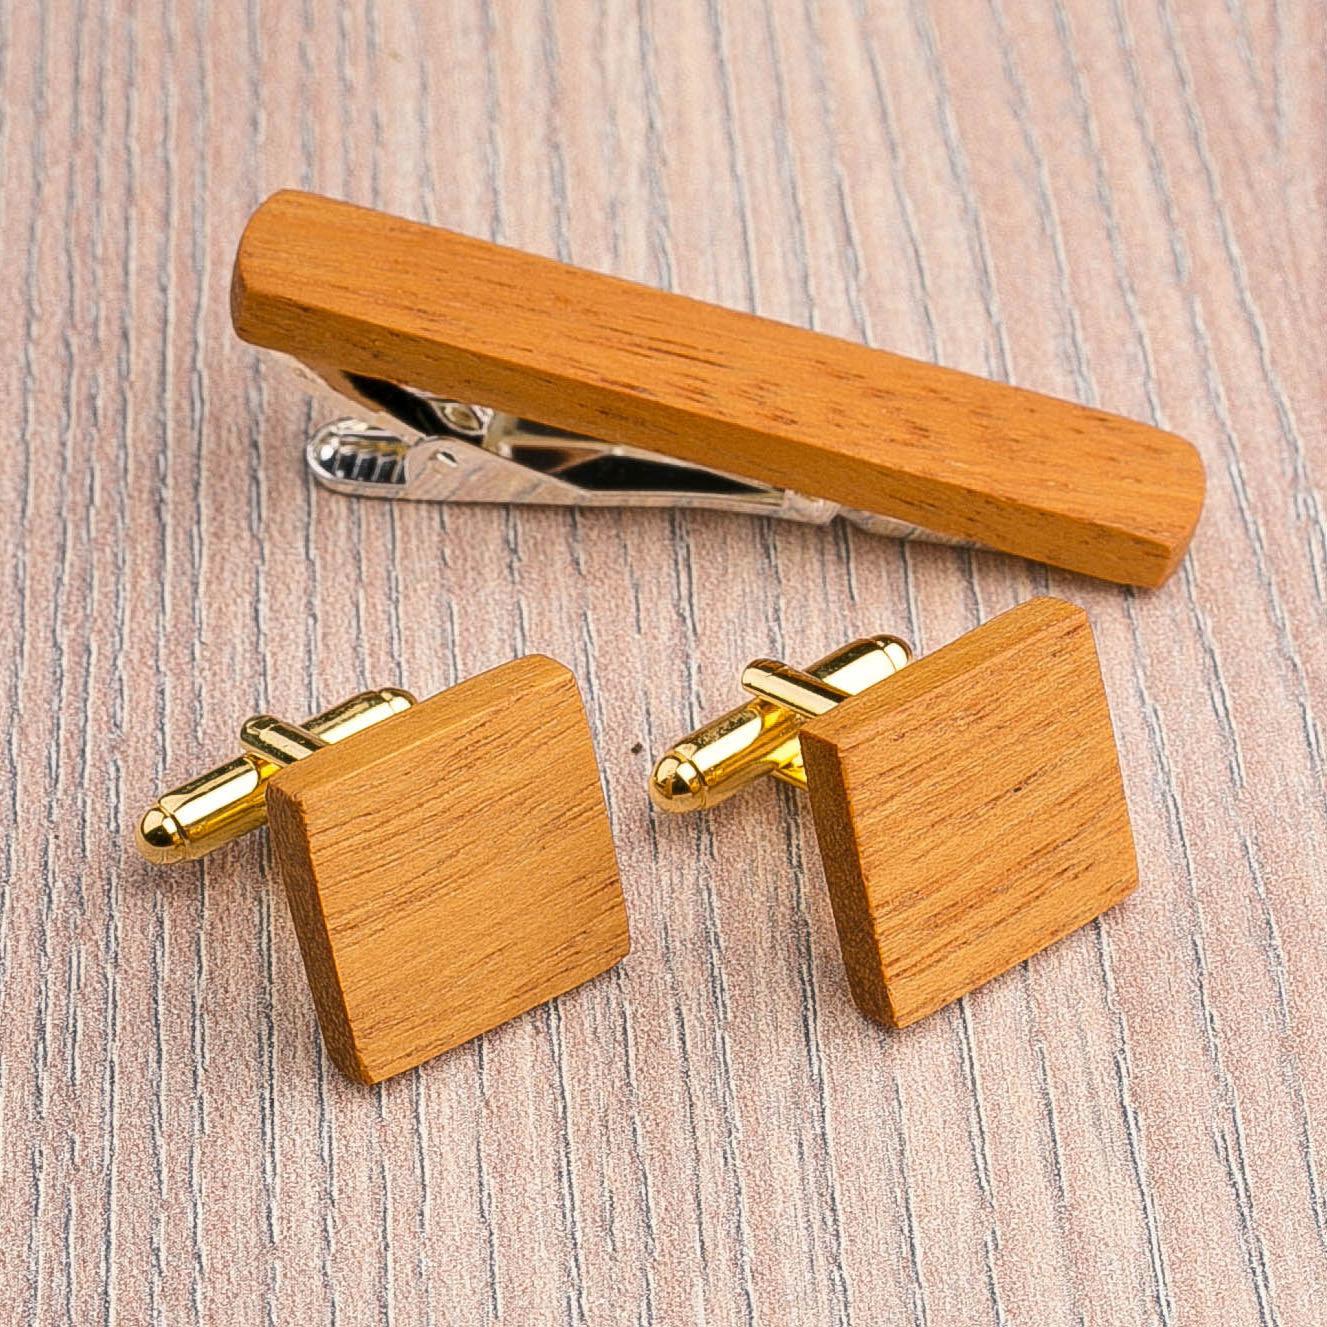 Комплект: Квадратные запонки из дерева и Деревянный зажим для галстука. Массив кусии. Гравировка инициалов. Упаковка в комплекте CufflinksSet-SquareKusia